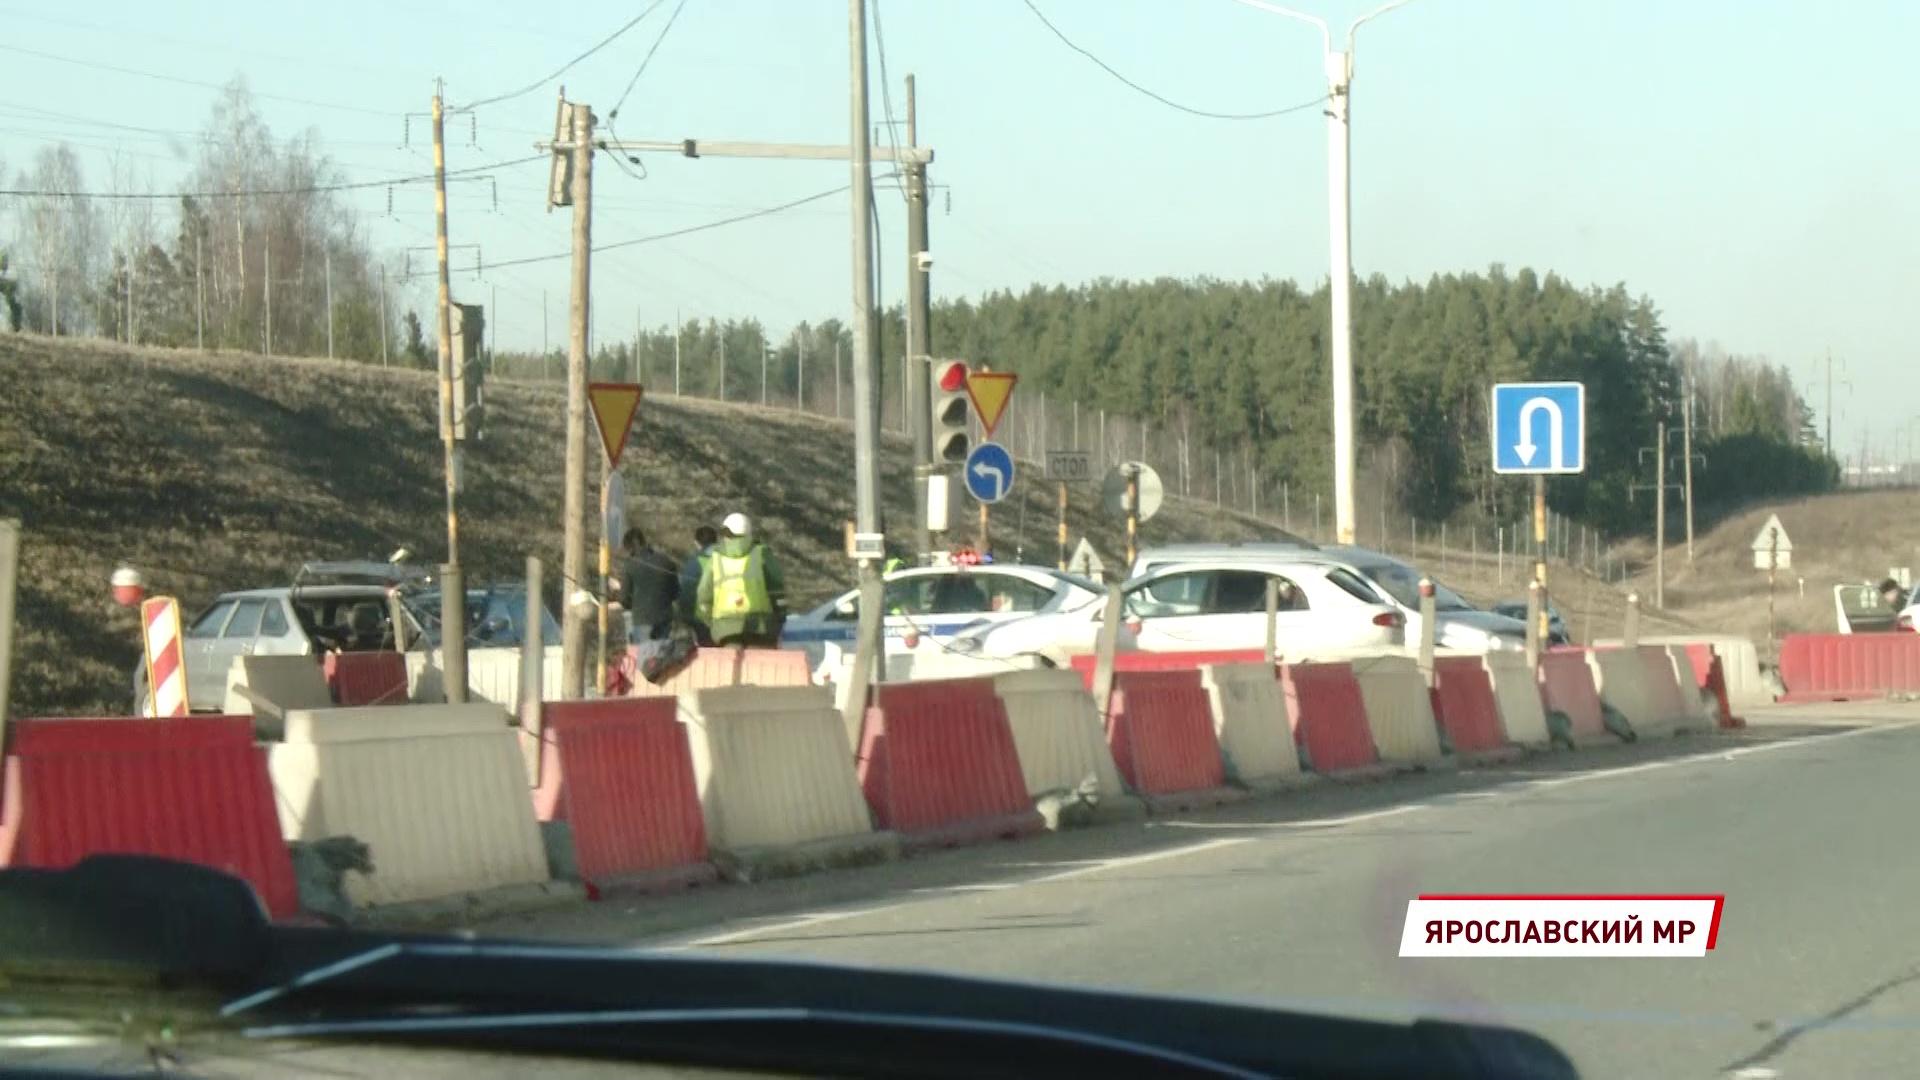 В жестком ДТП в Ярославском районе пострадала пожилая женщина